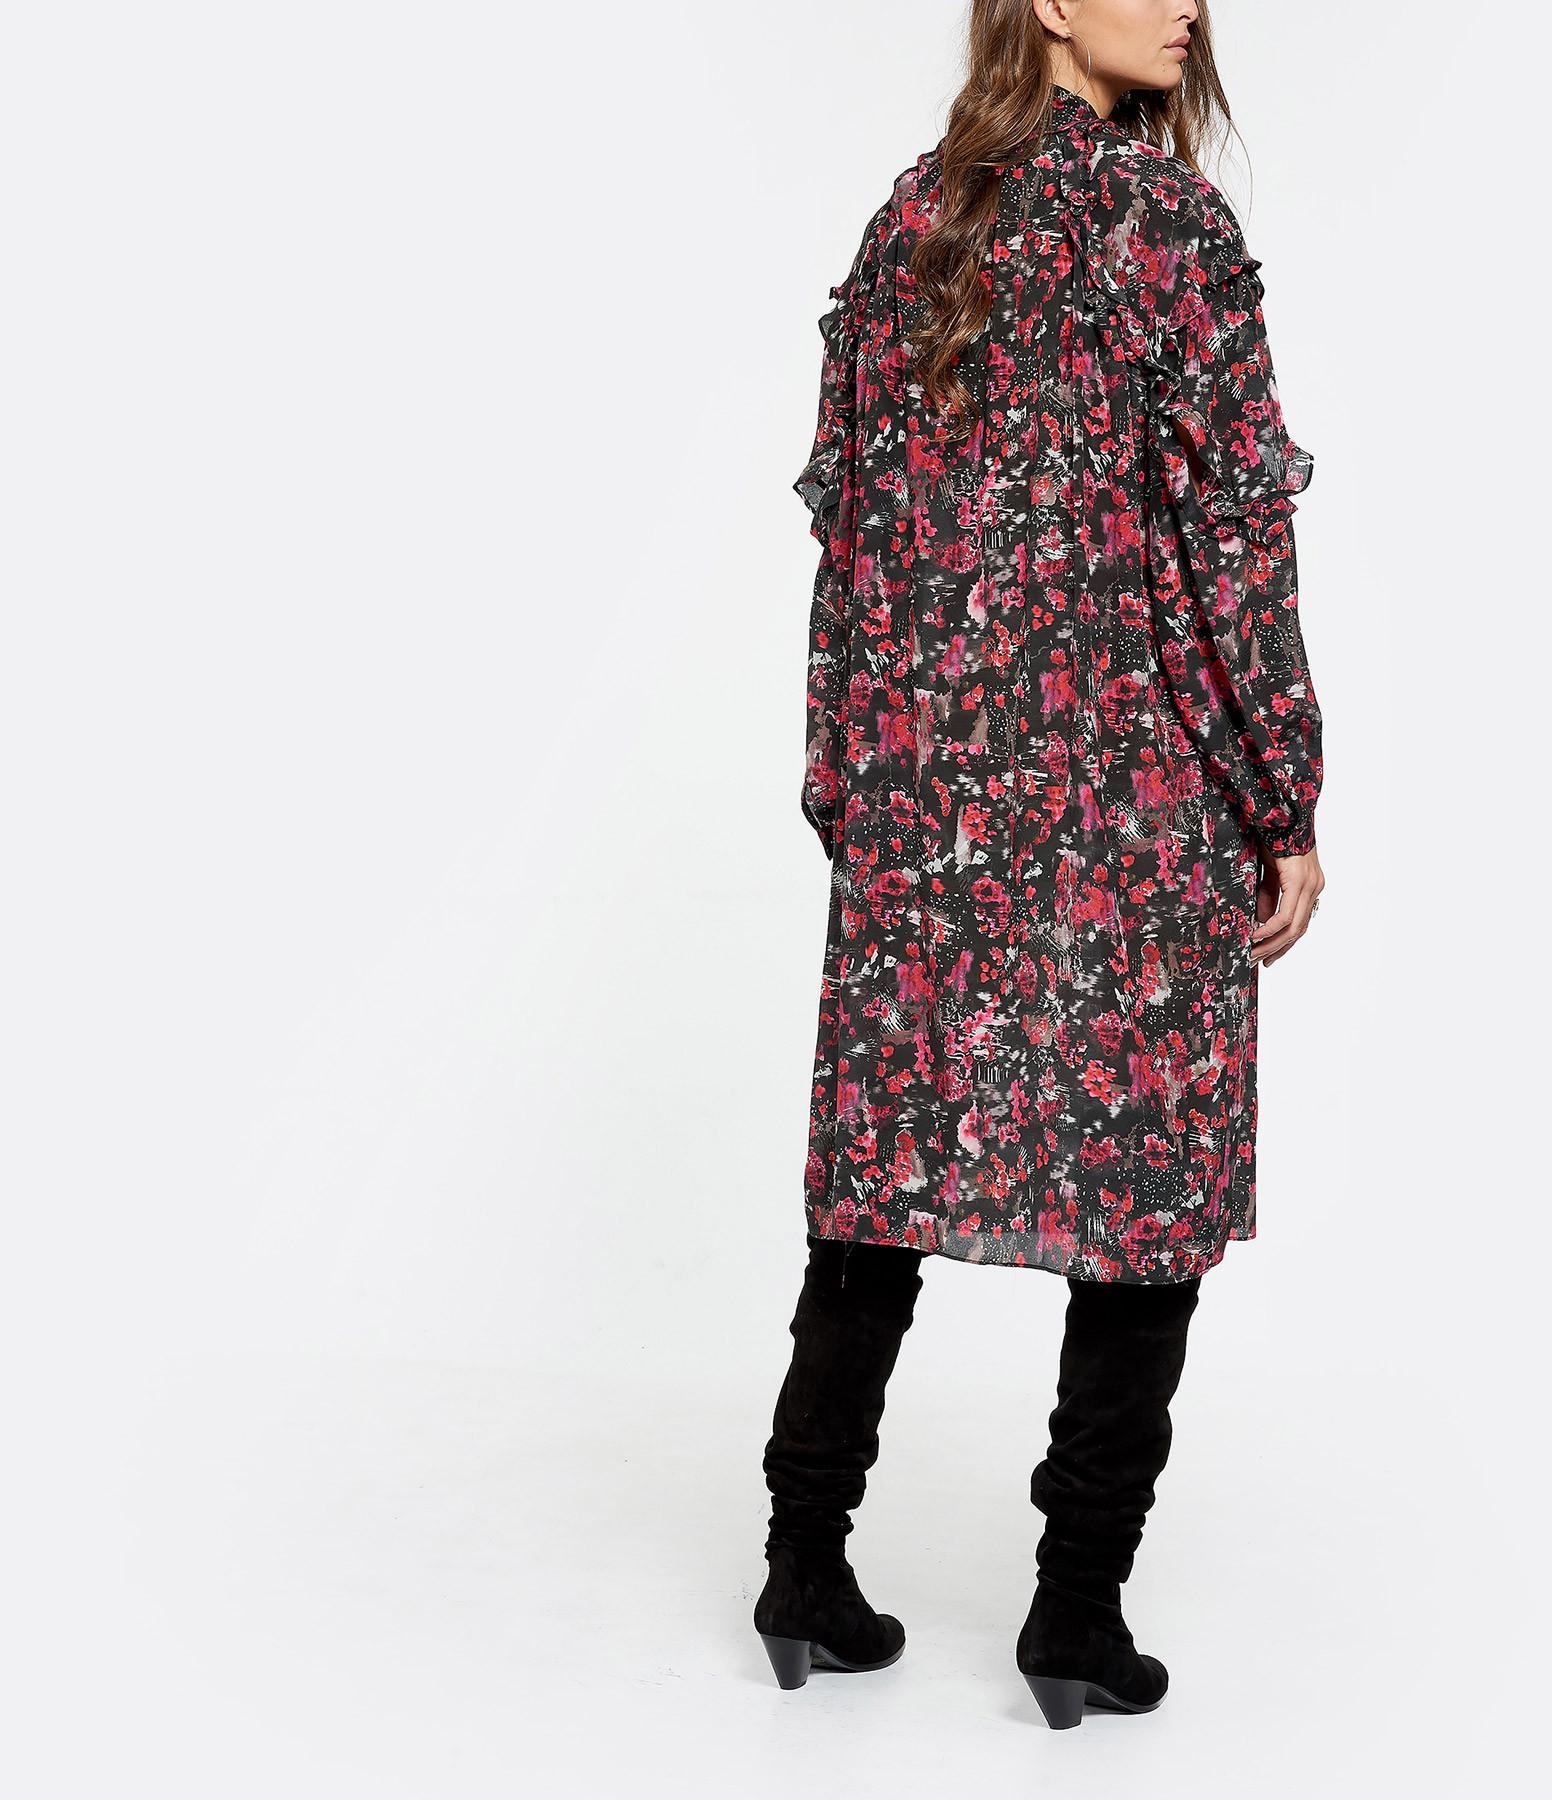 IRO - Robe Equip Soie Rose